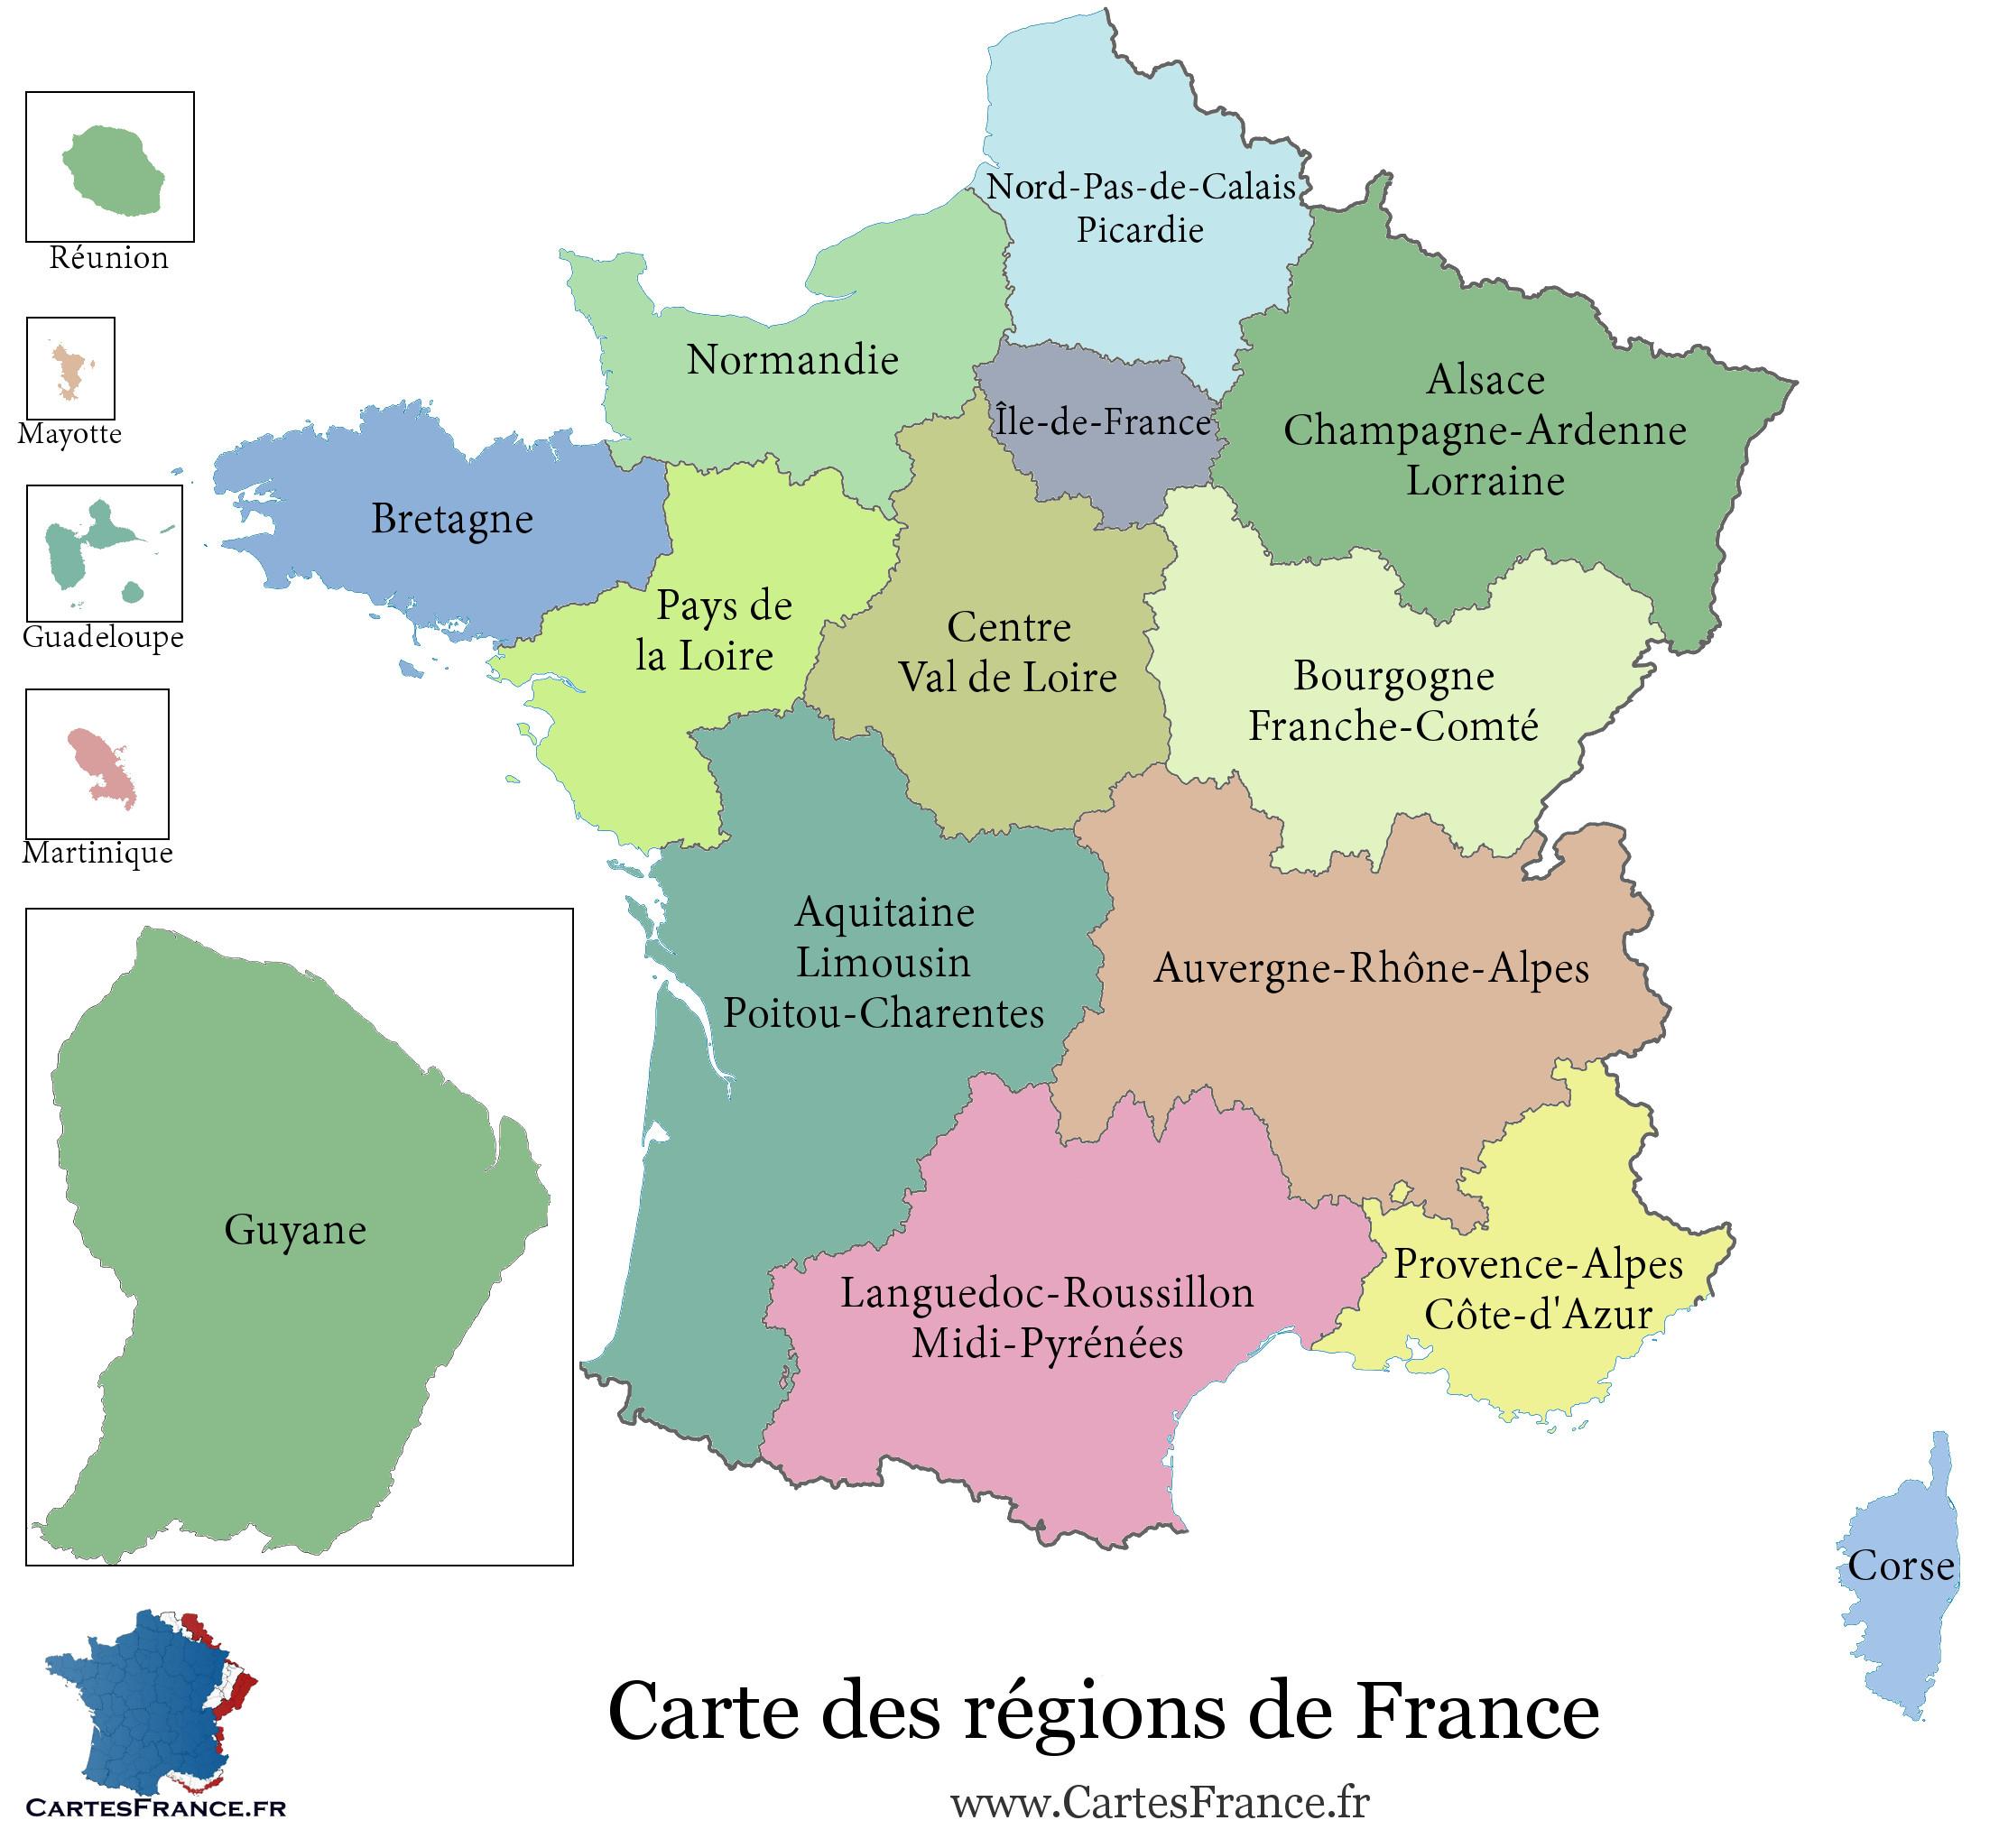 Carte De France Region - Carte Des Régions Françaises destiné Carte De France Nouvelles Régions